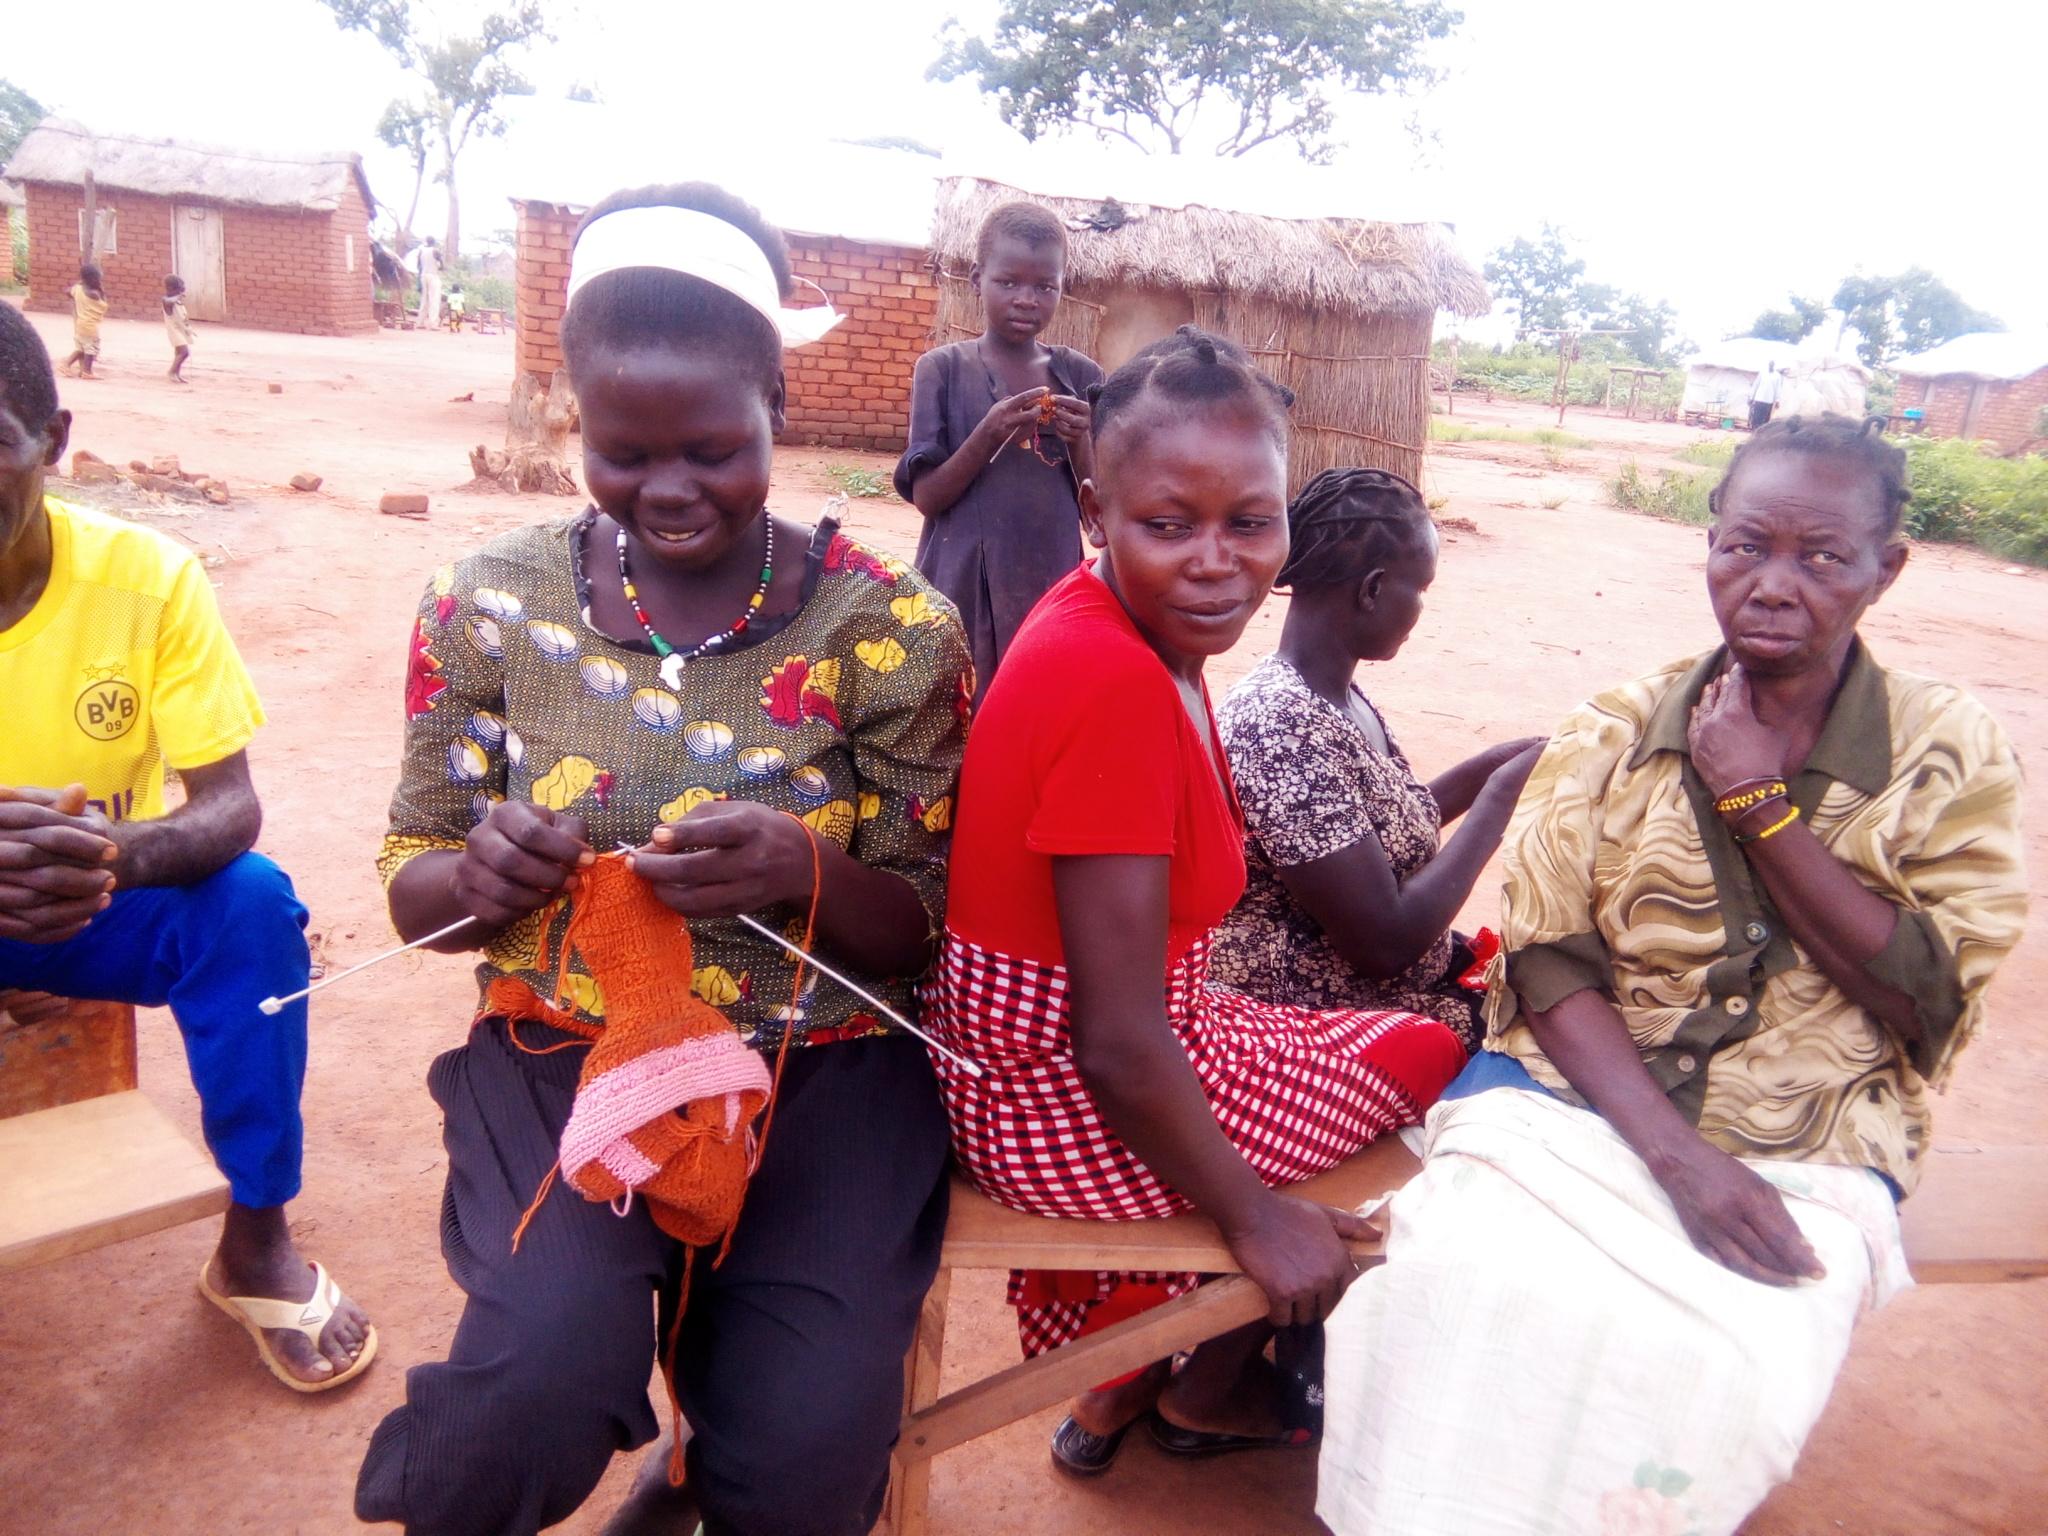 Centrafrique: difficile quotidien des réfugiés sud-soudanais qui sont à Obo. © A-J.M